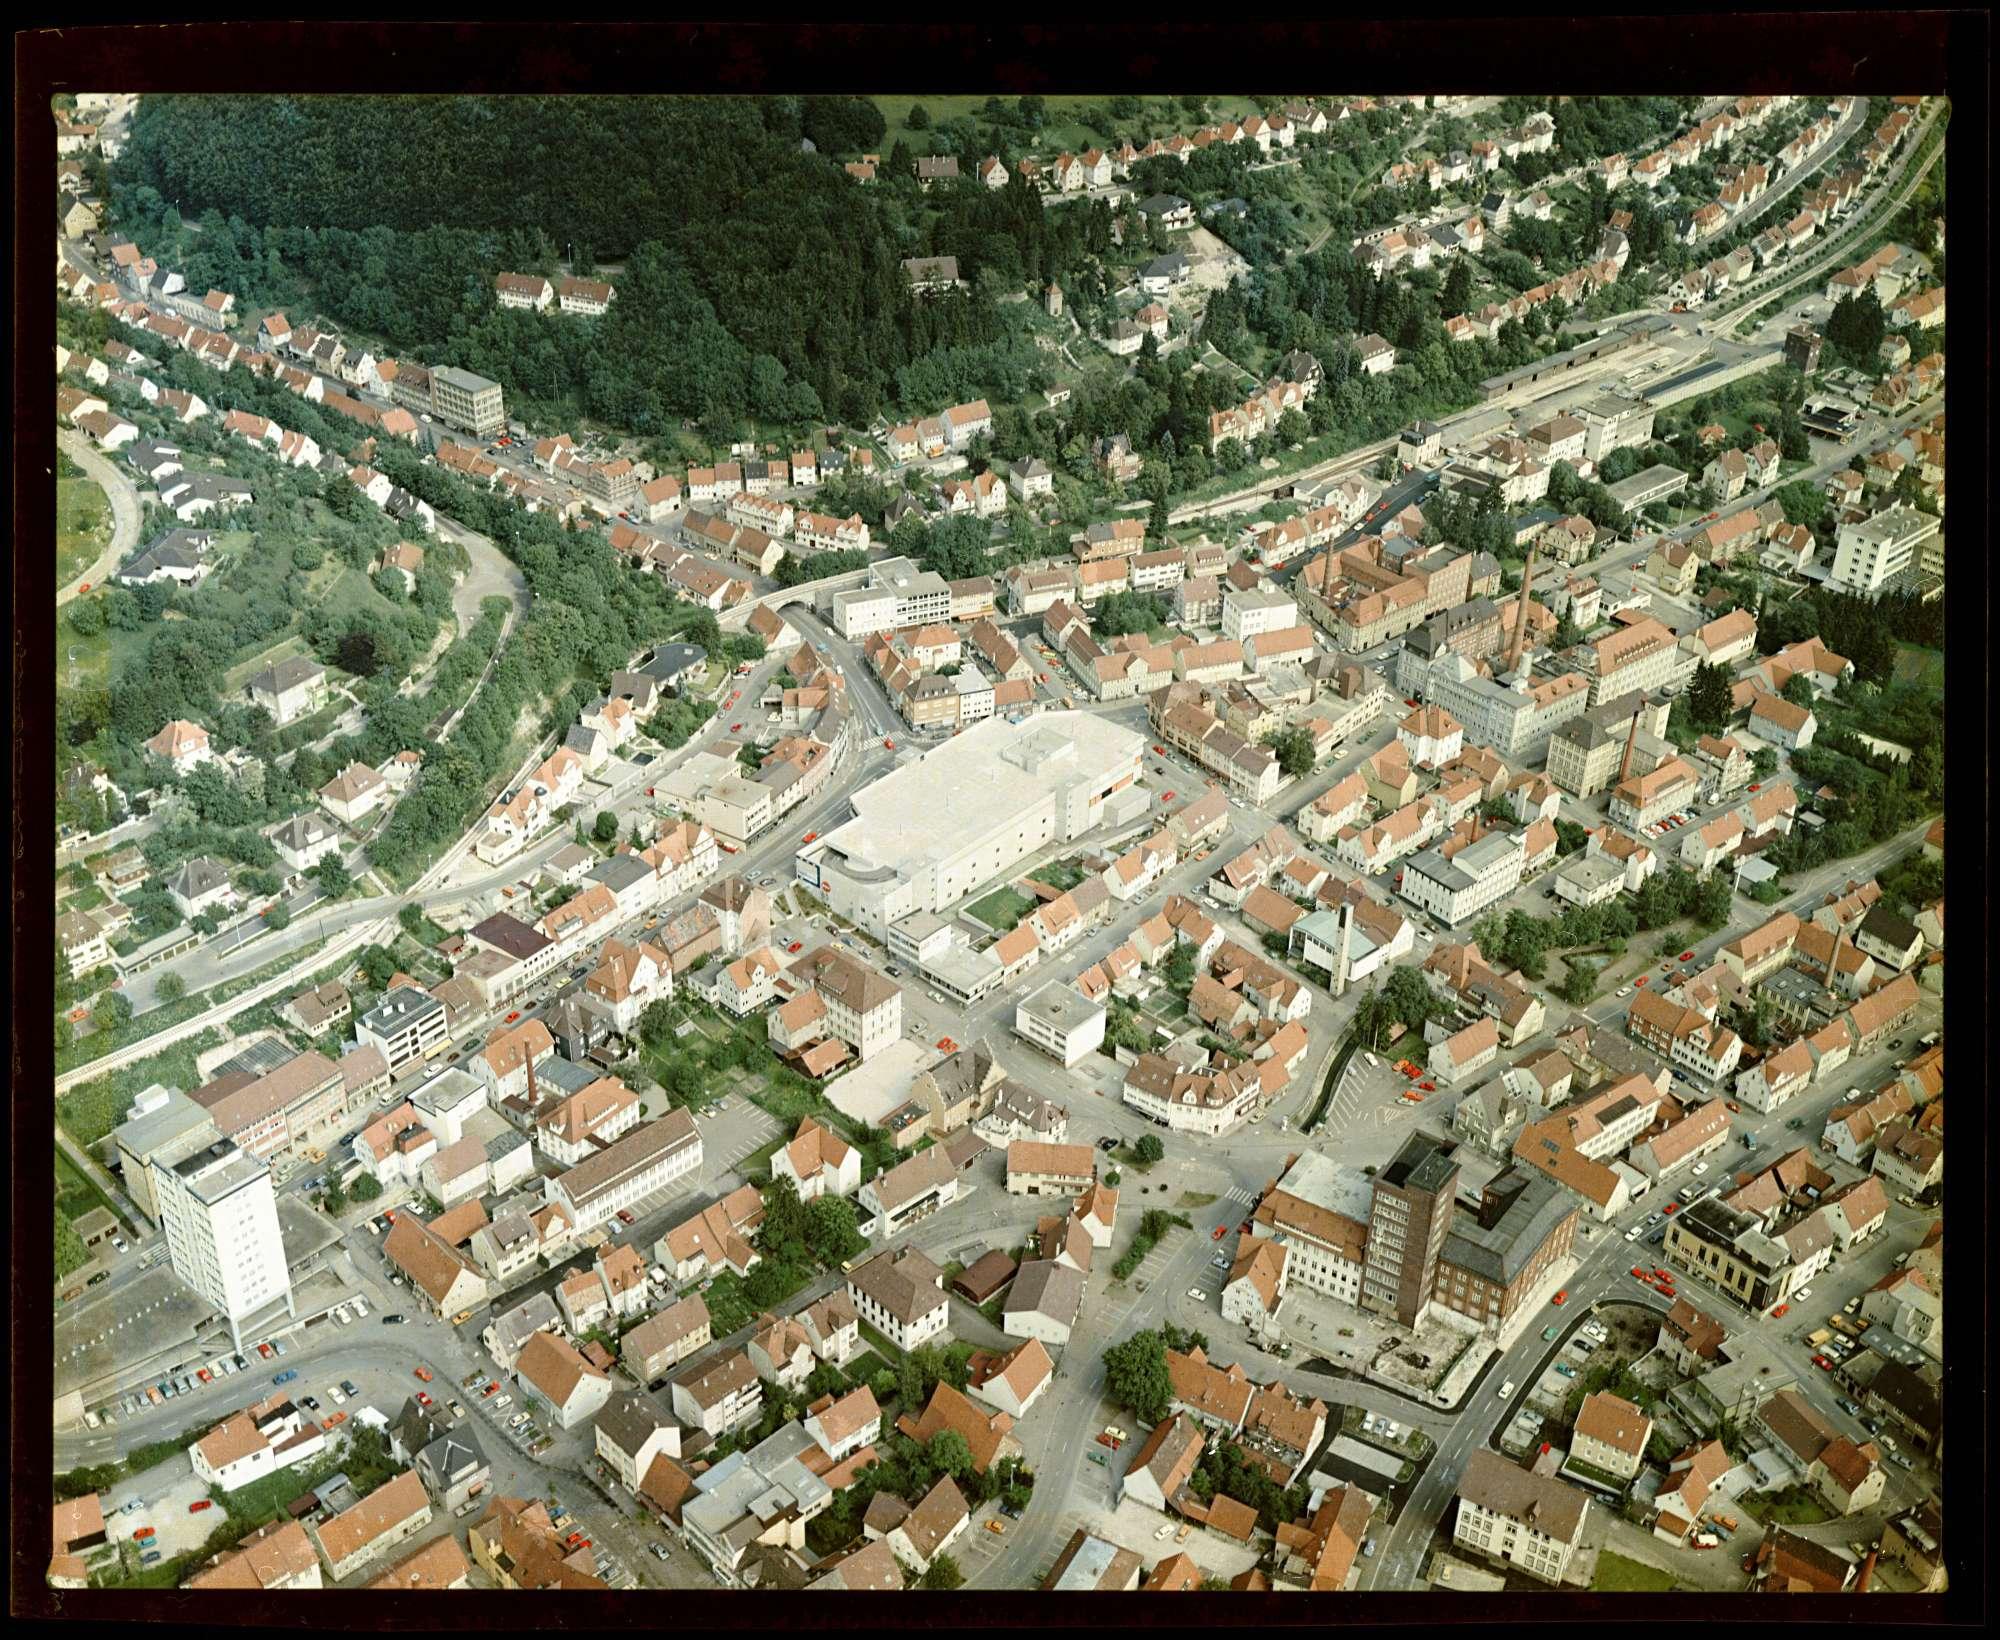 Tailfingen, Luftbild, Bild 1